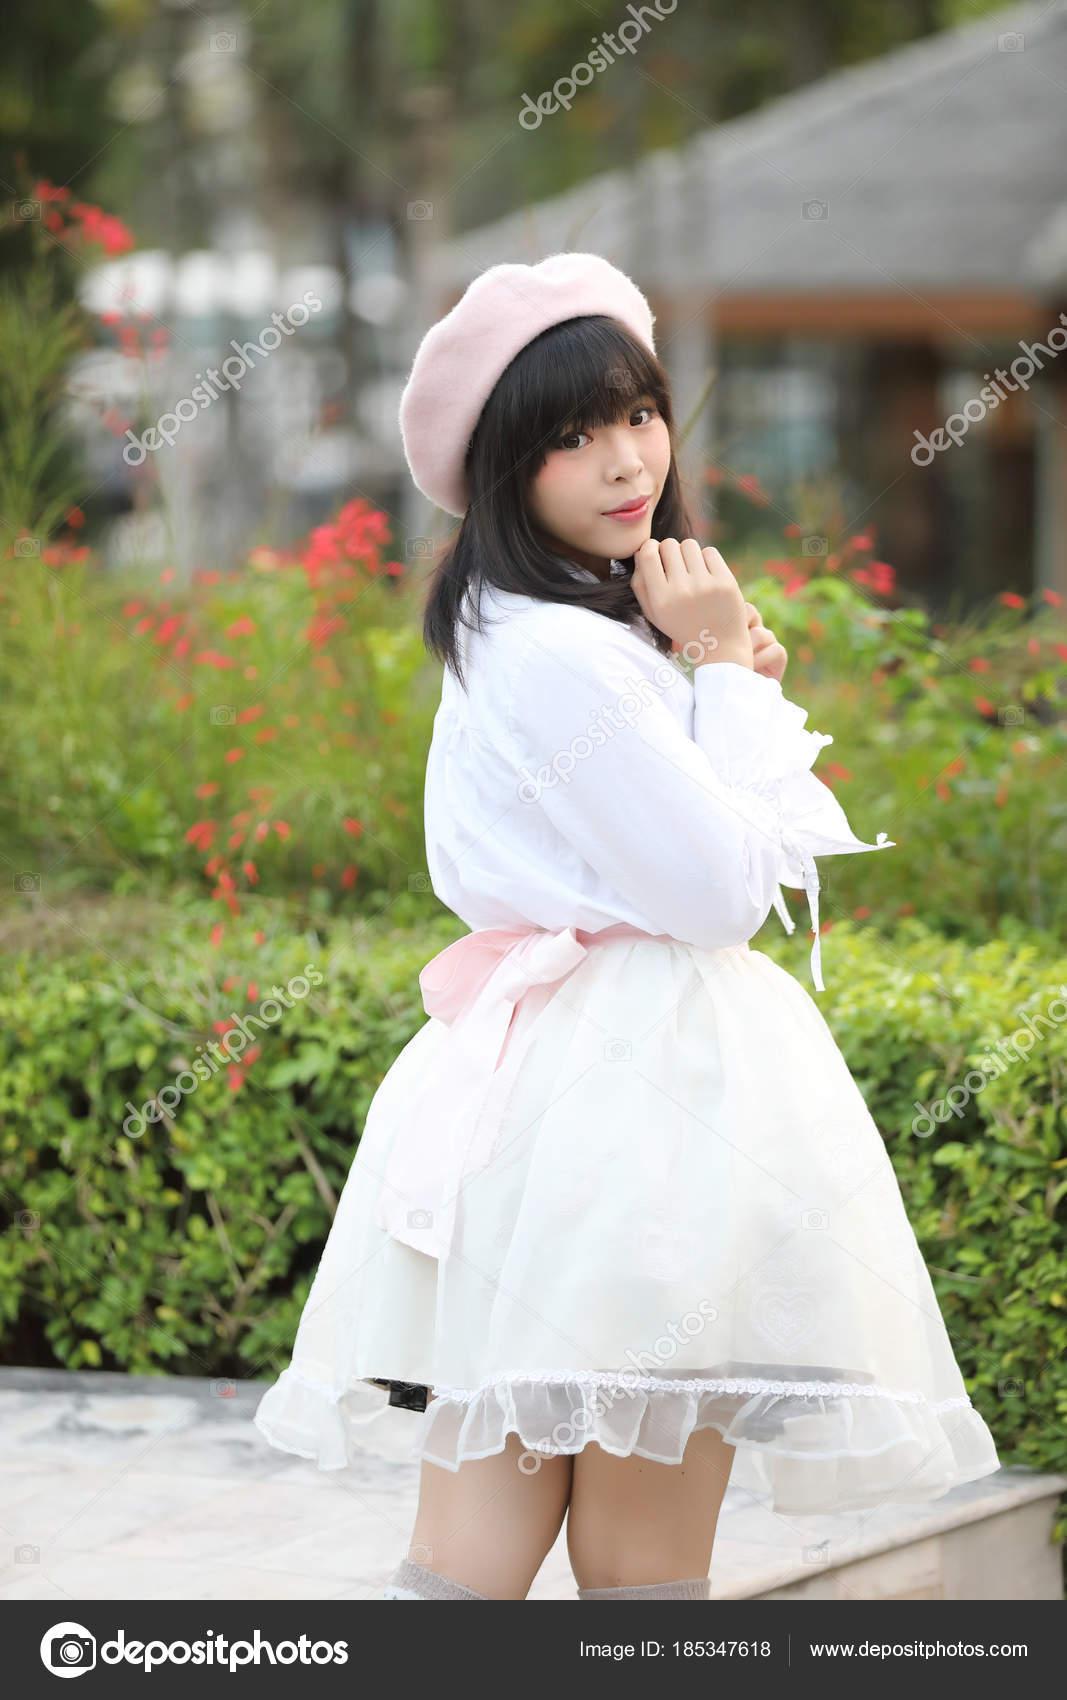 6014f804952c portrét Asijské žena lolita šaty na přírodní park — Stock Fotografie ...